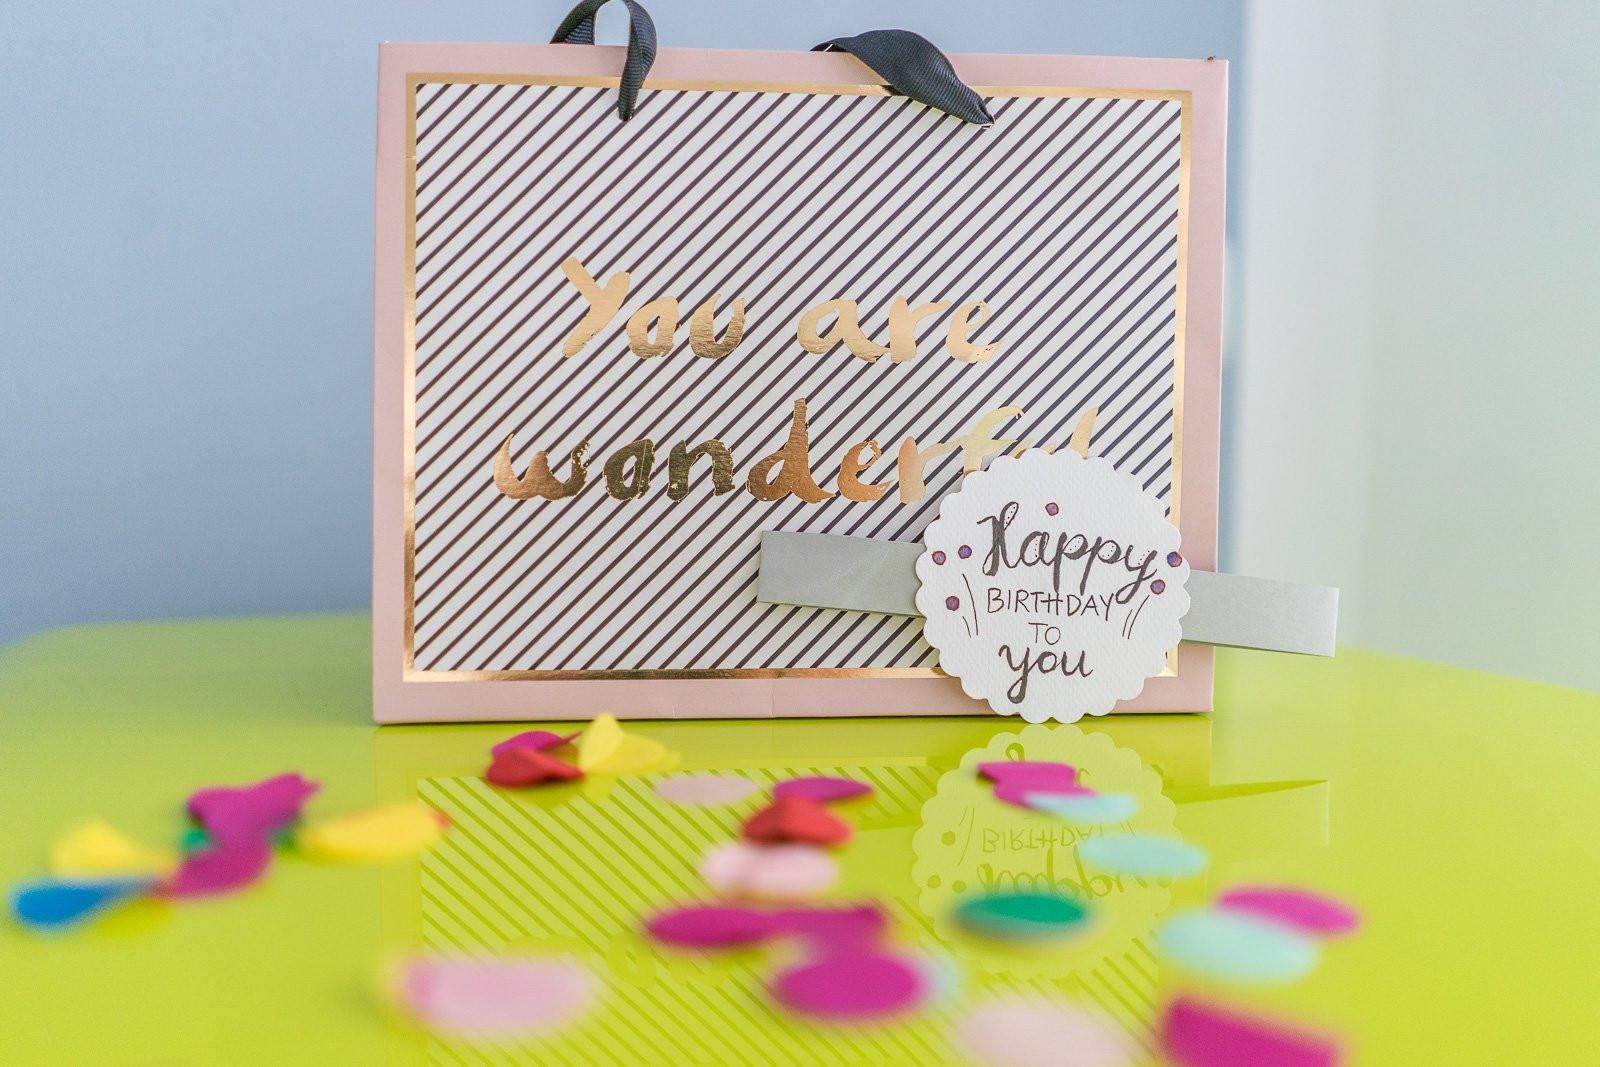 Geburtstagsgeschenke Für Kinder  Top 5 Geburtstagsgeschenke für 10 jährige Mädchen